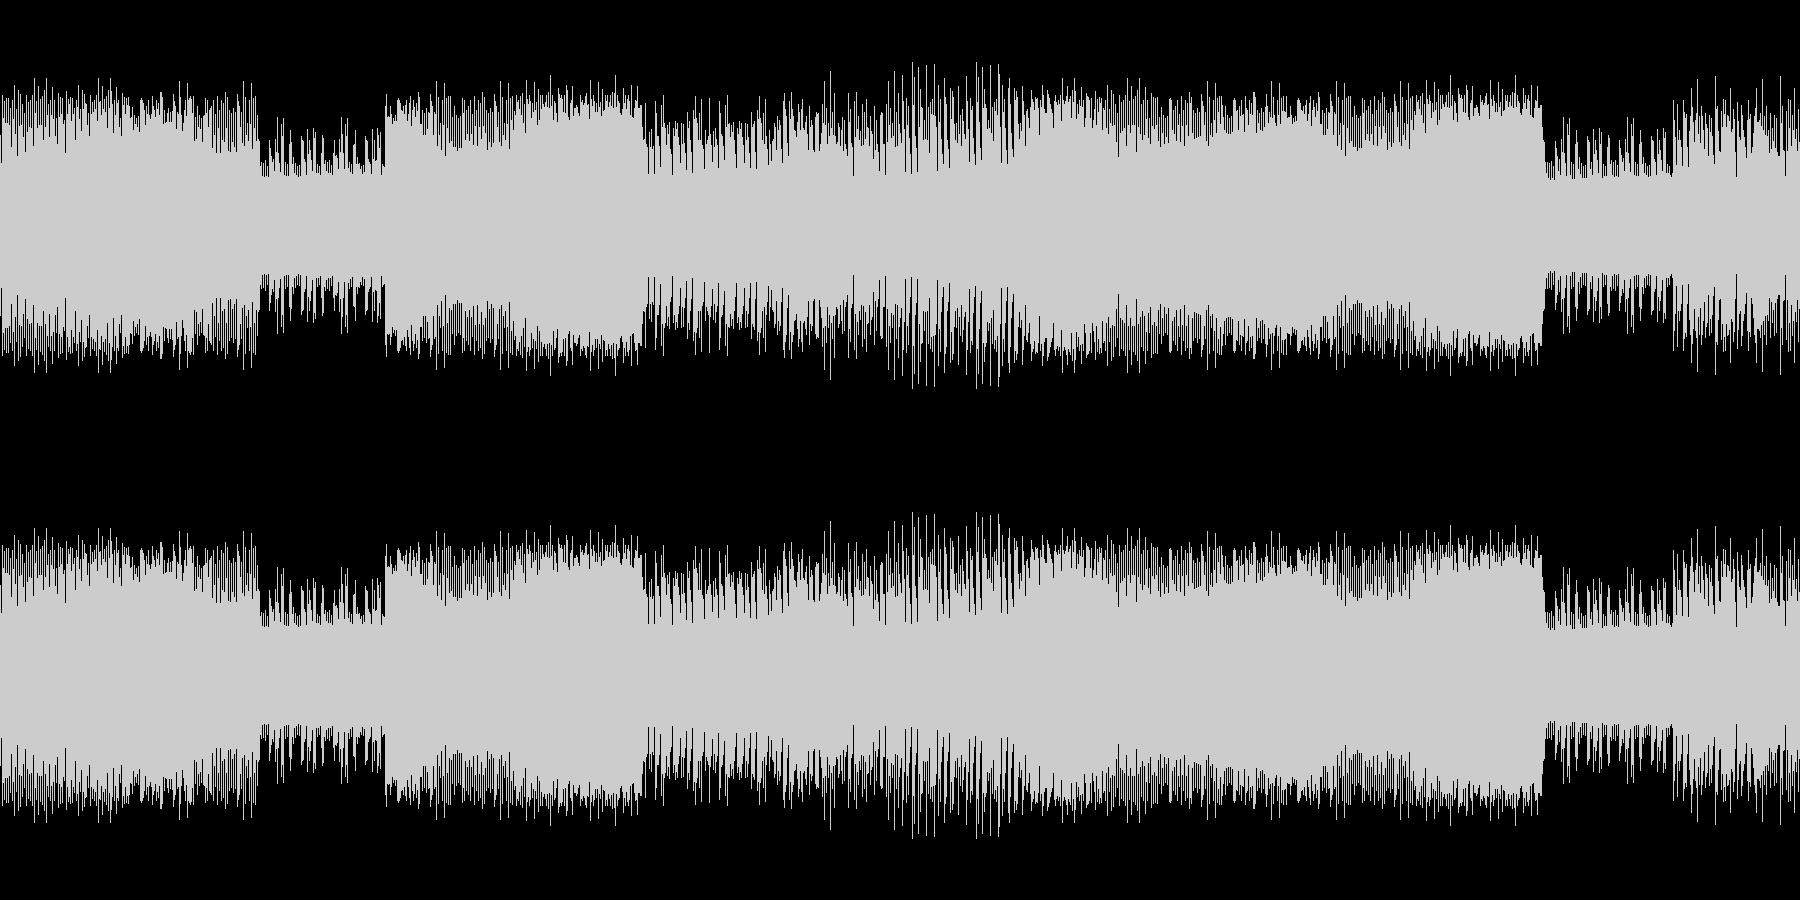 8ビットゲームサウンドBGM 03の未再生の波形